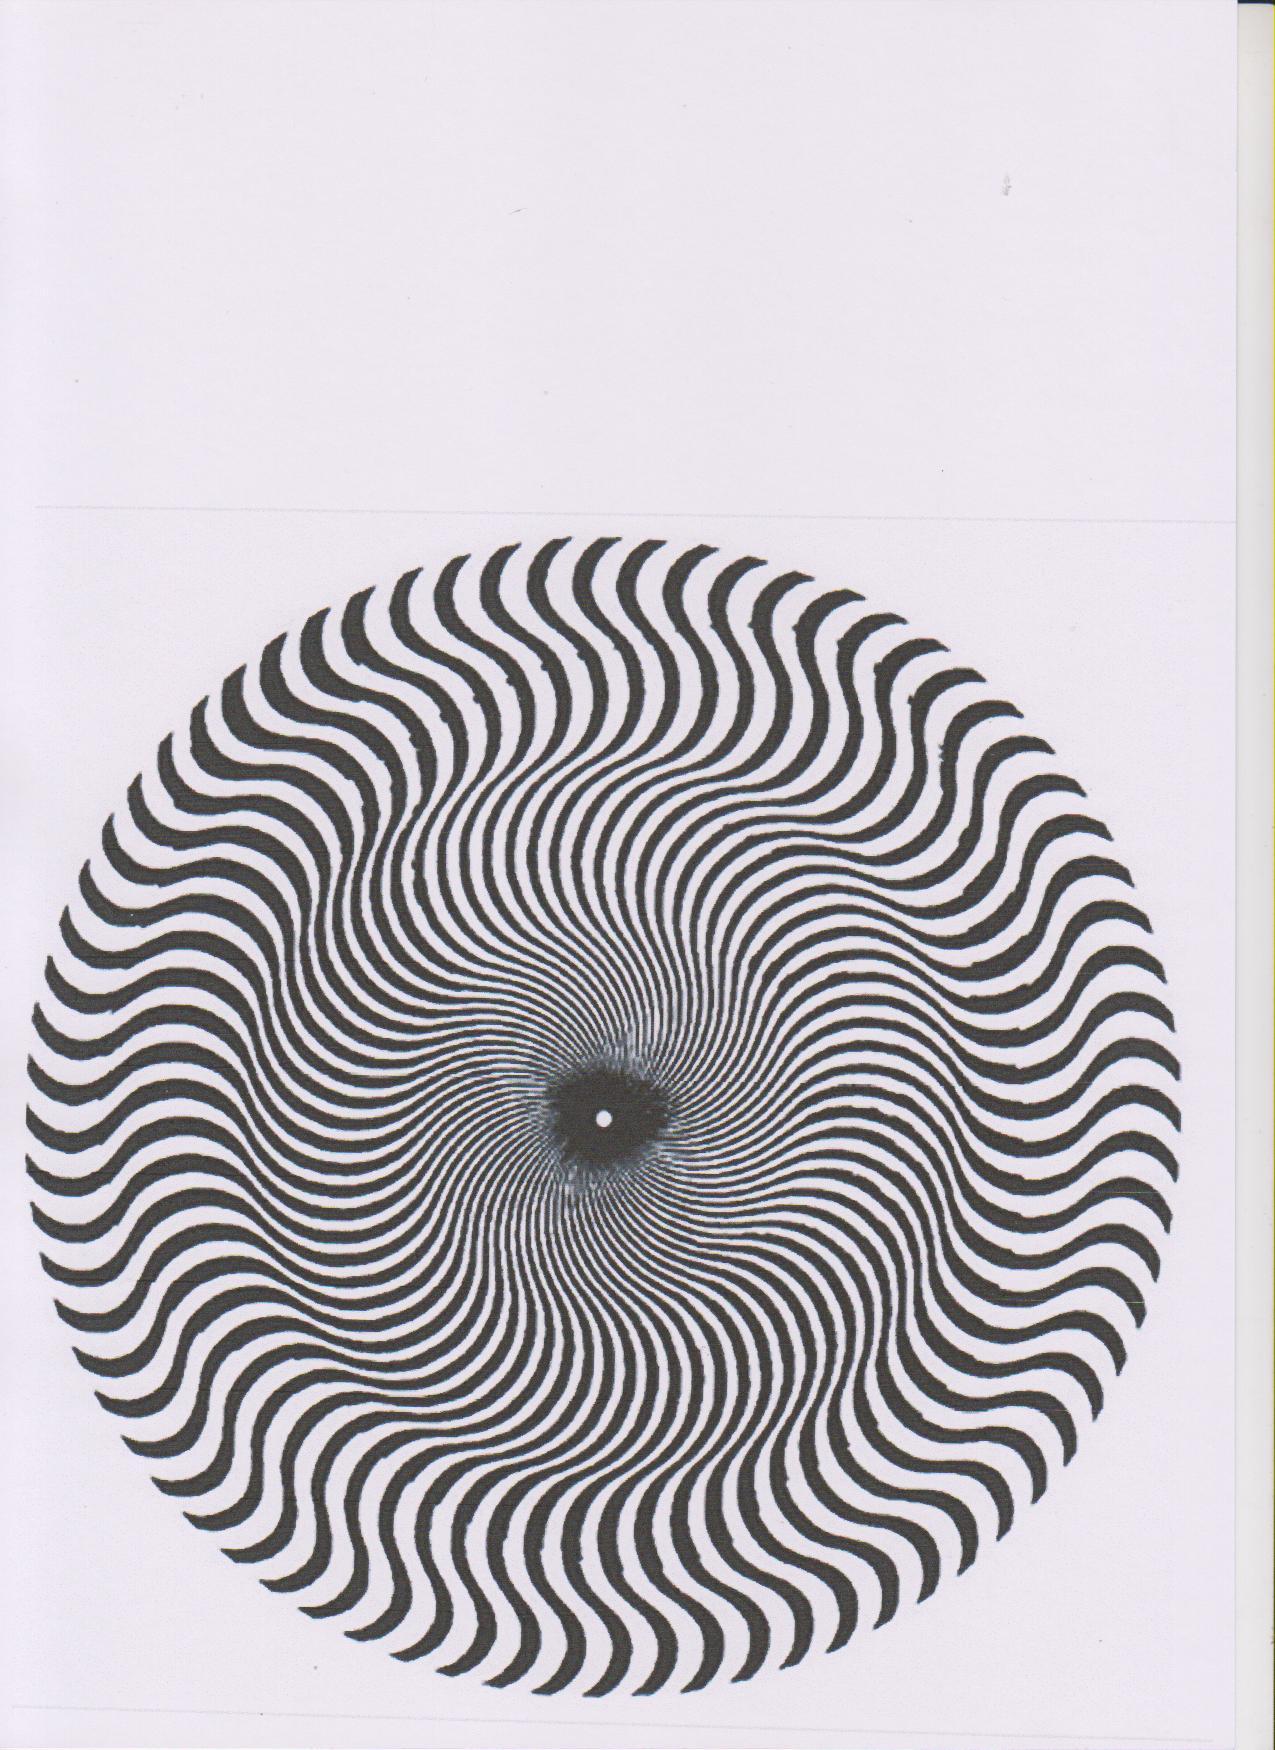 201303017-illusioni